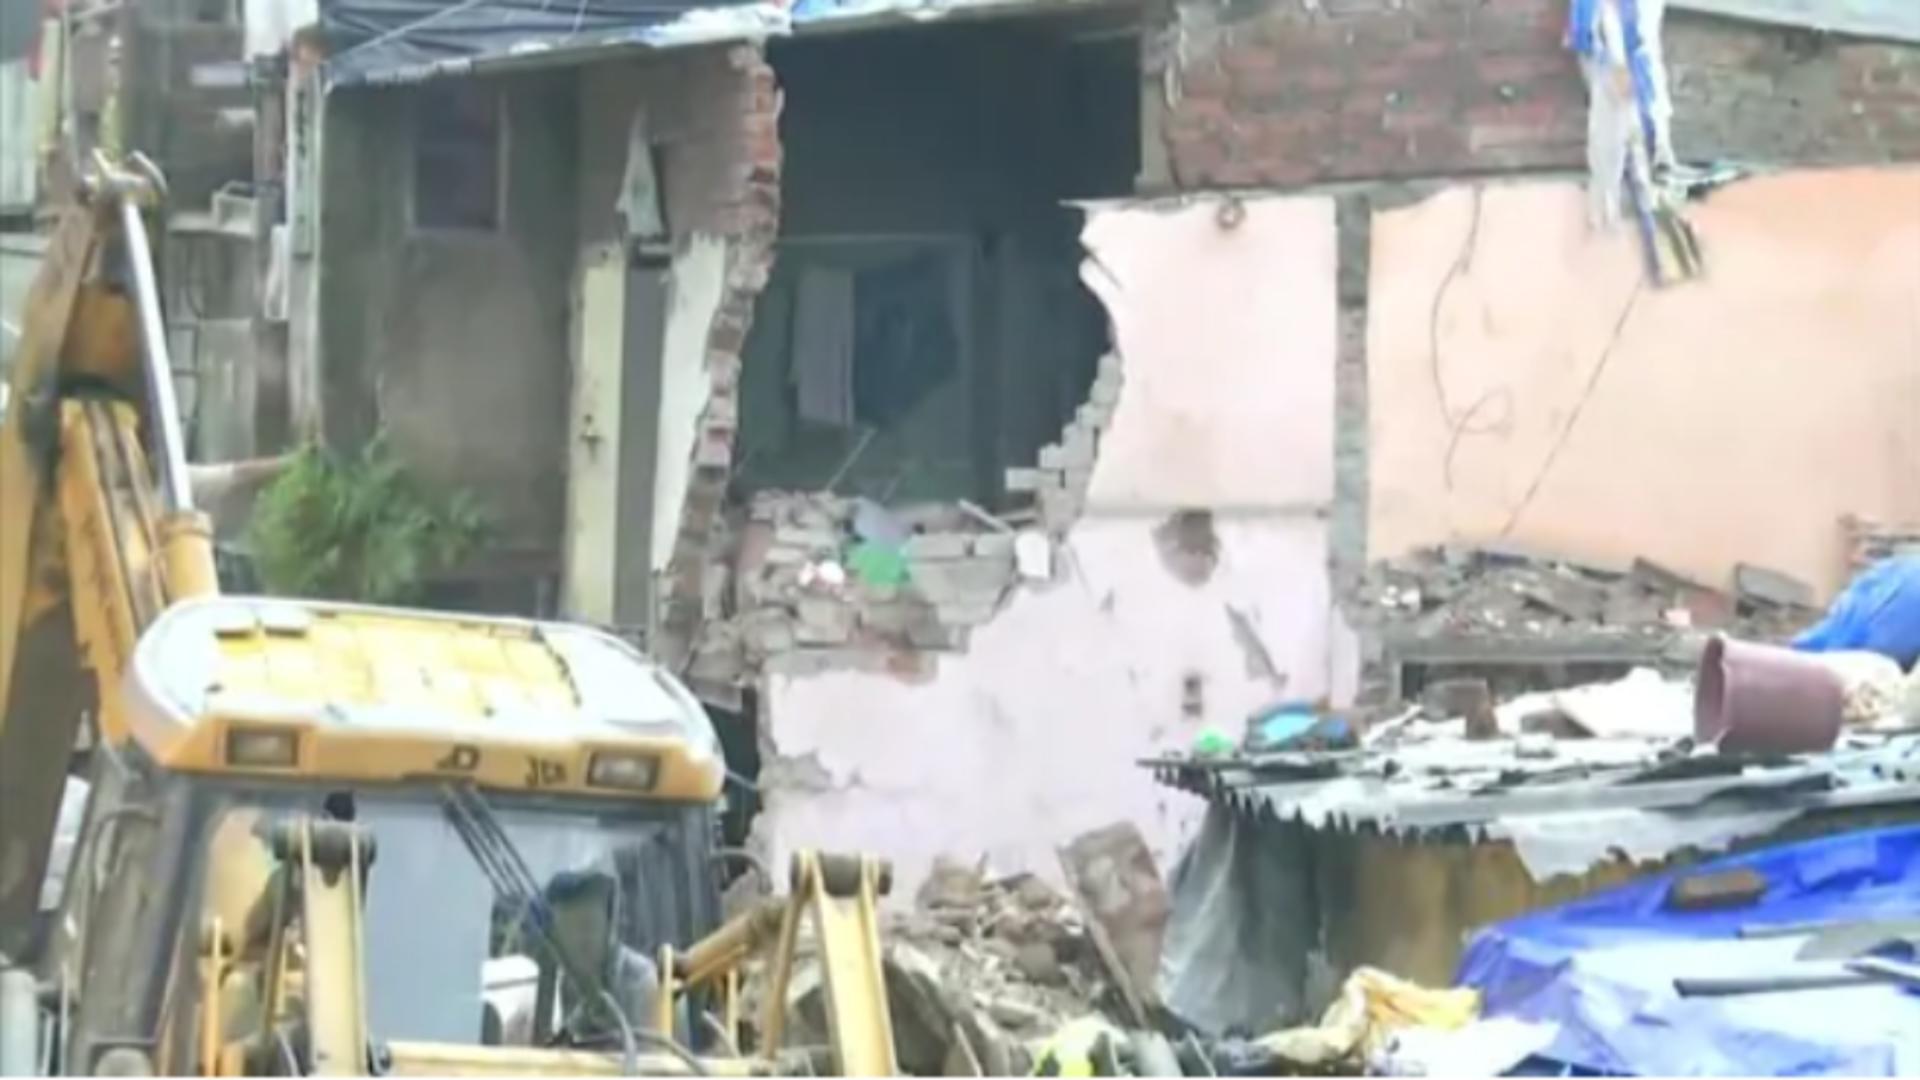 Clădire prăbușită în India / Captură foto